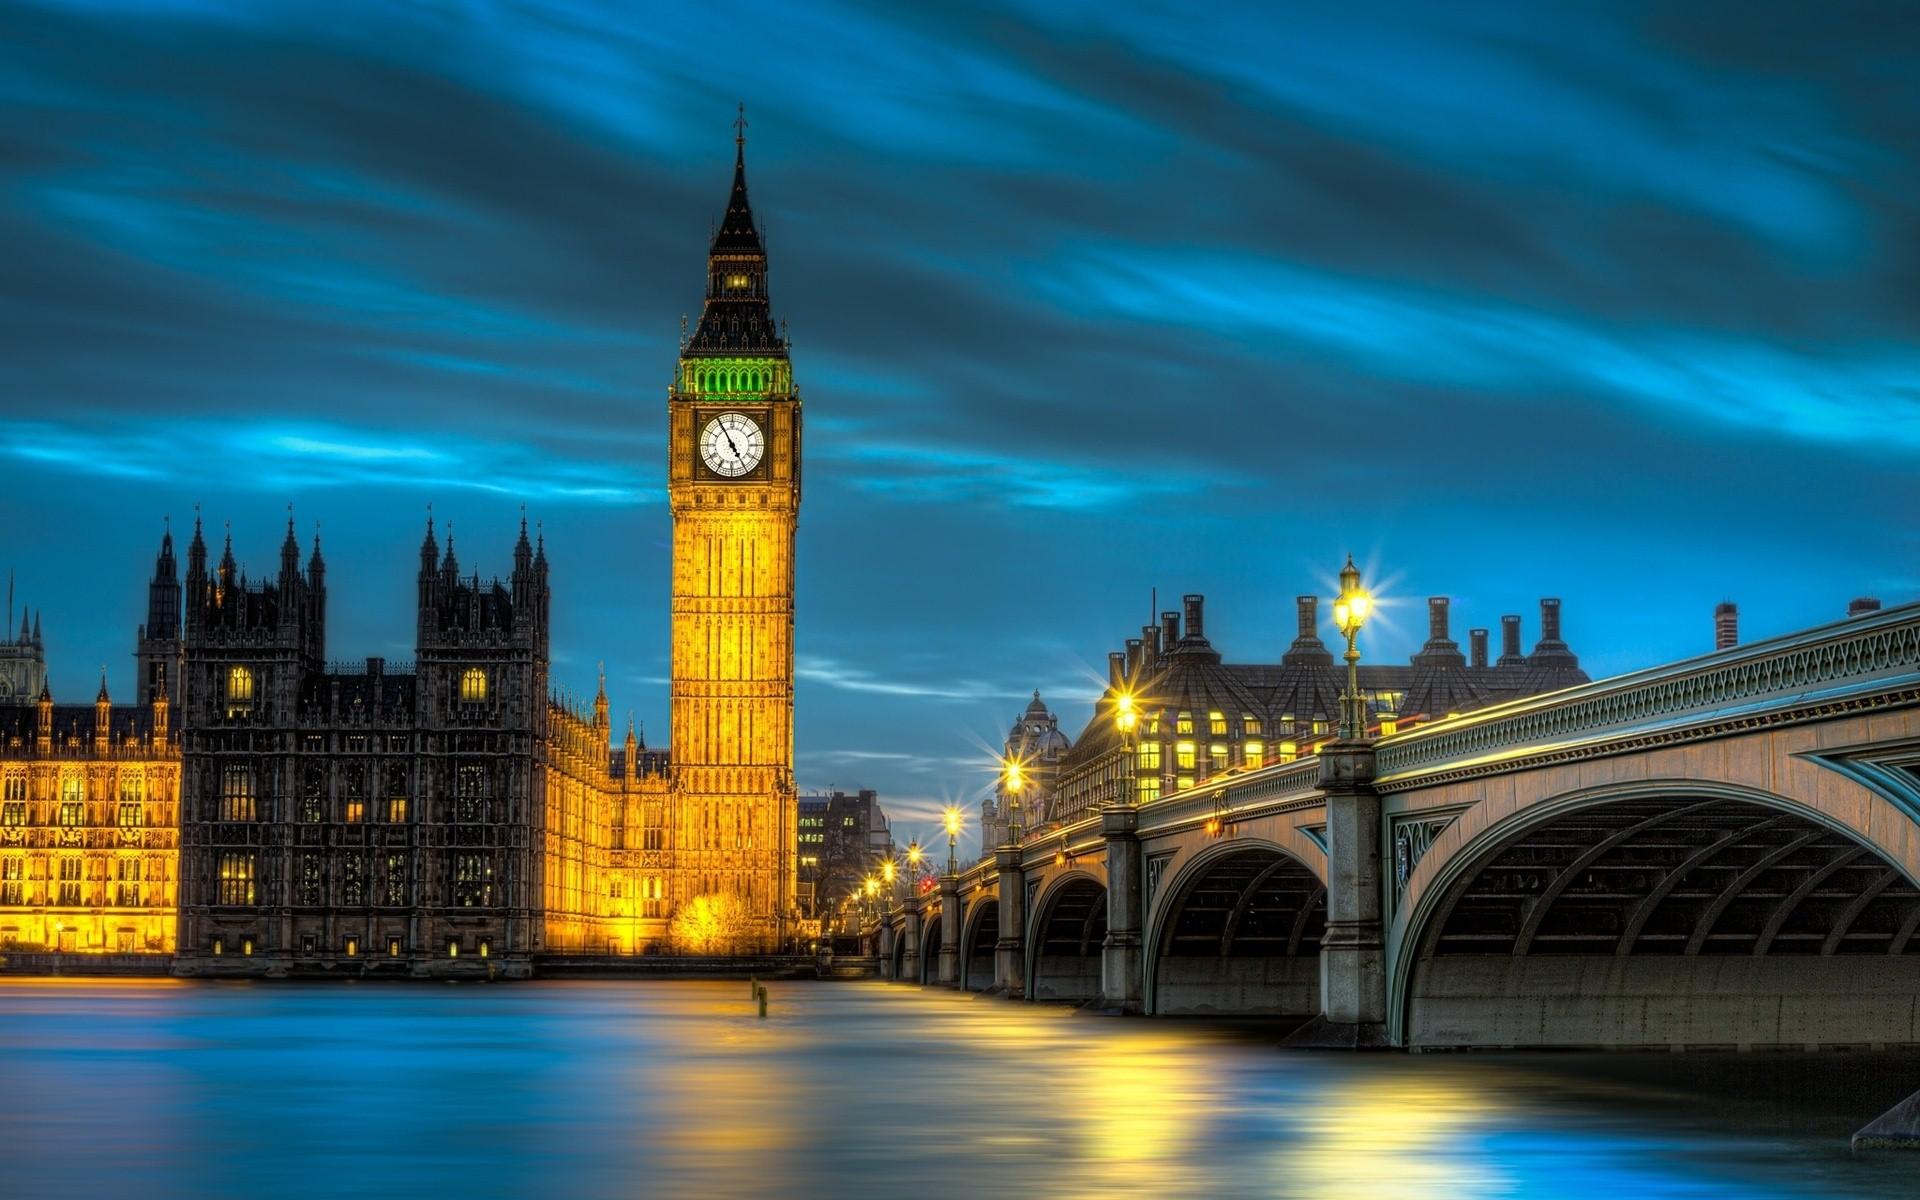 ساعة لندن